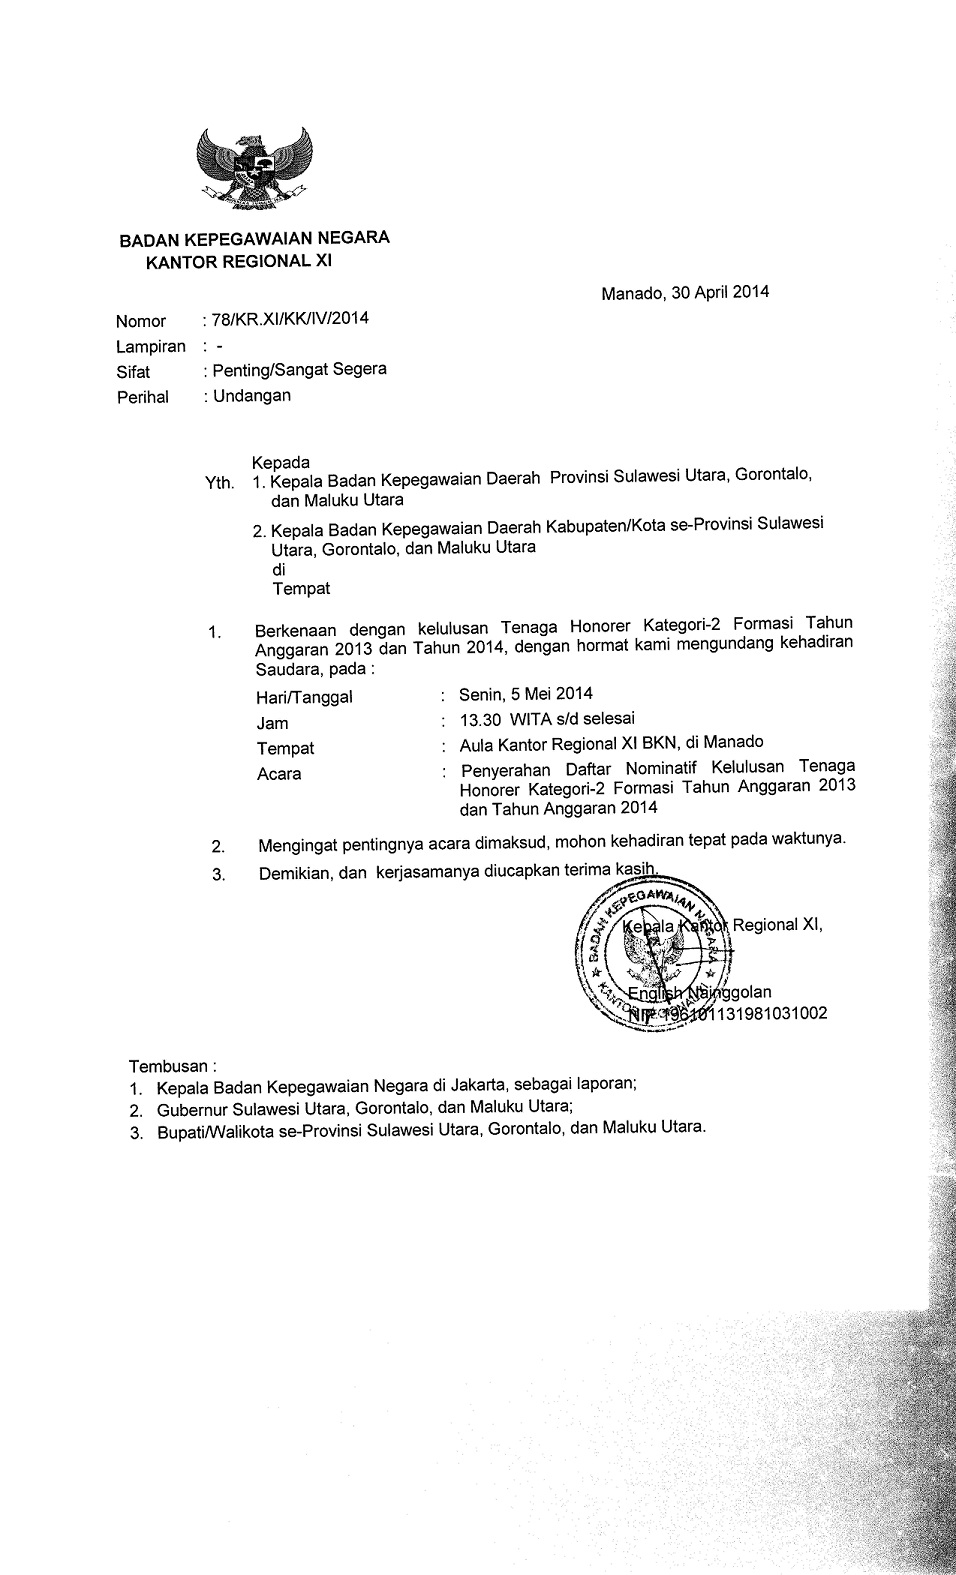 Surat Undangan Penyerahan Daftar Nominatif Th K2 Formasi Tahun